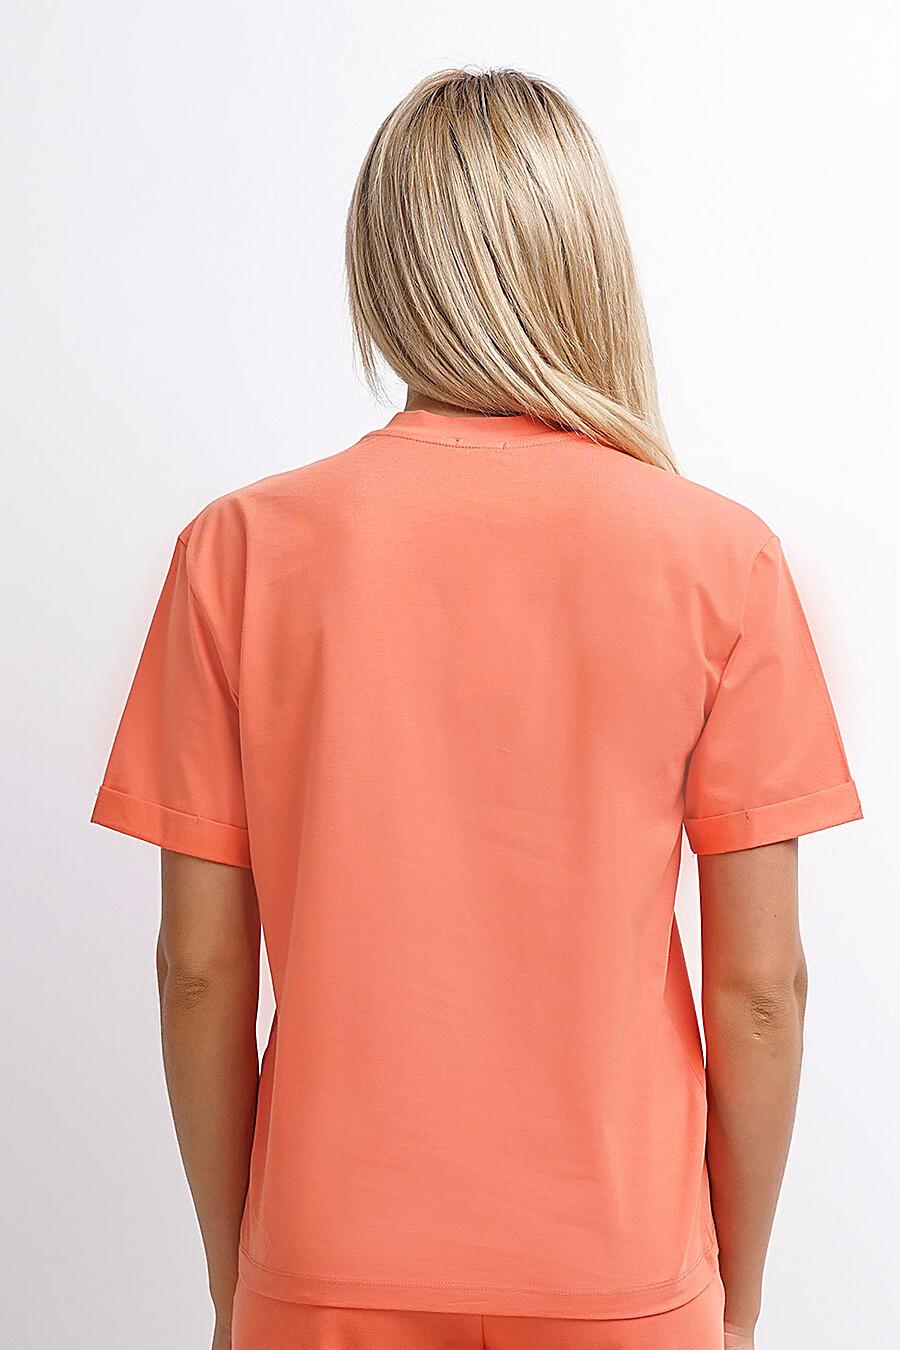 Футболка для женщин CLEVER 155197 купить оптом от производителя. Совместная покупка женской одежды в OptMoyo